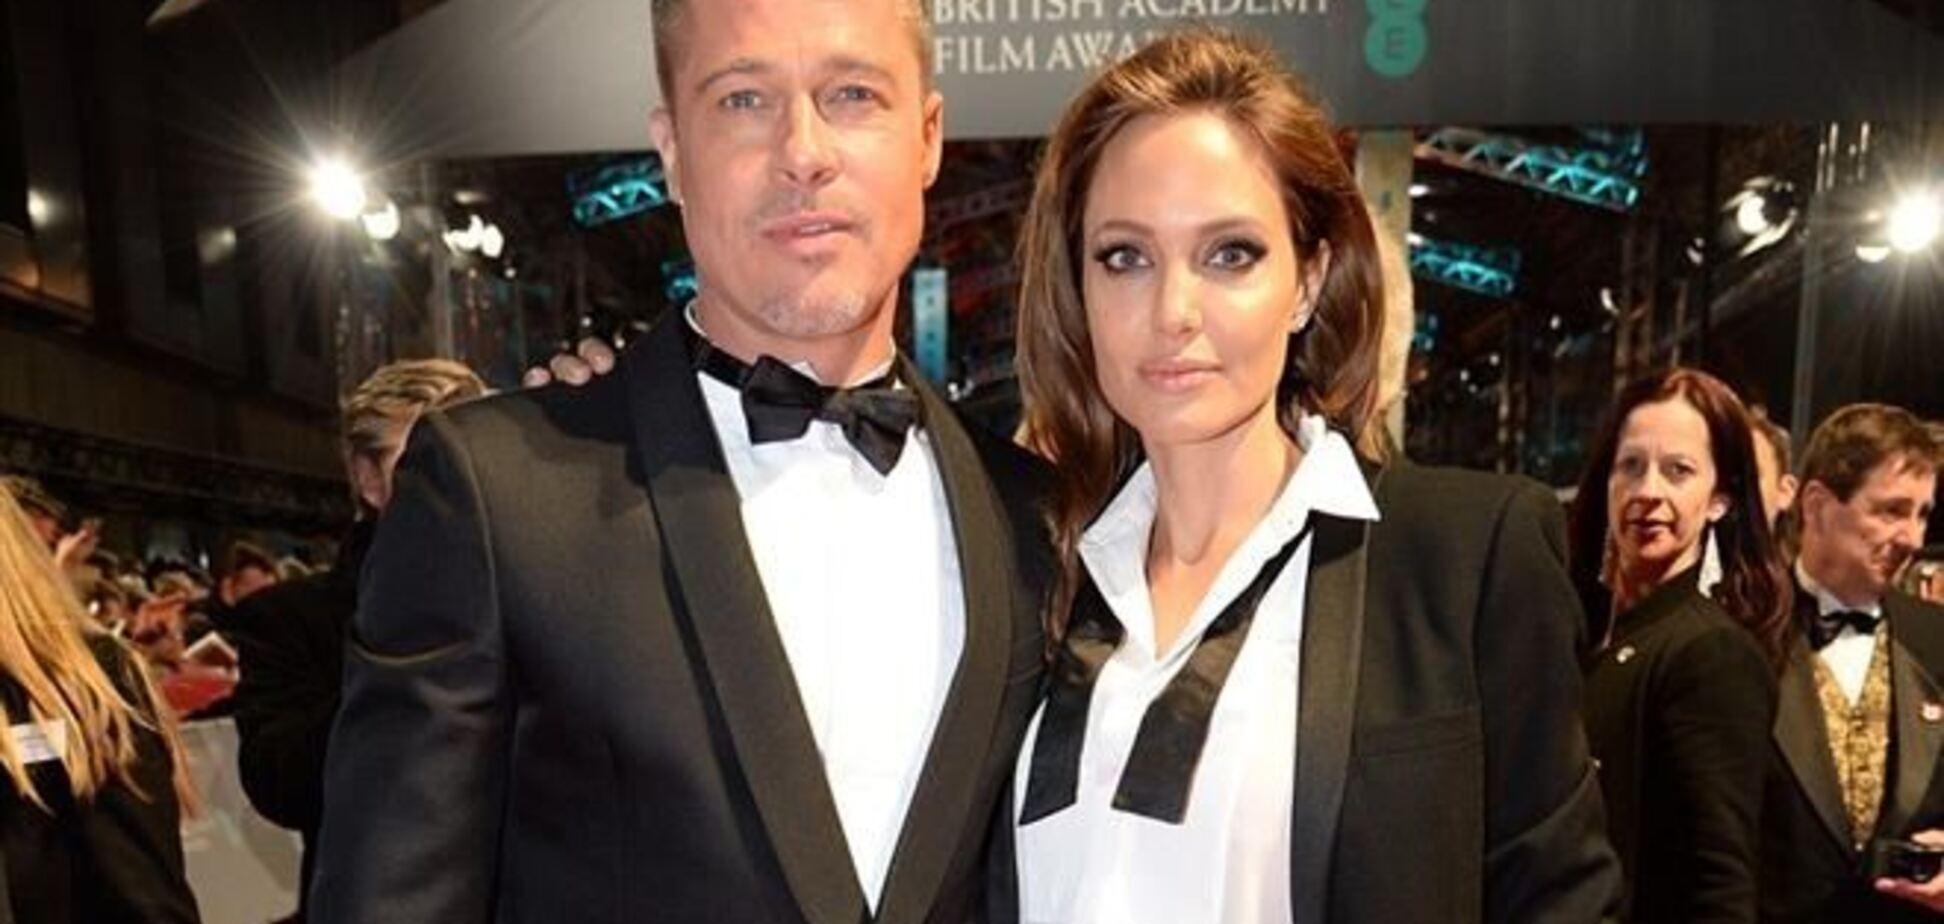 Джоли и Питт пришли на красную дорожку в одинаковых костюмах